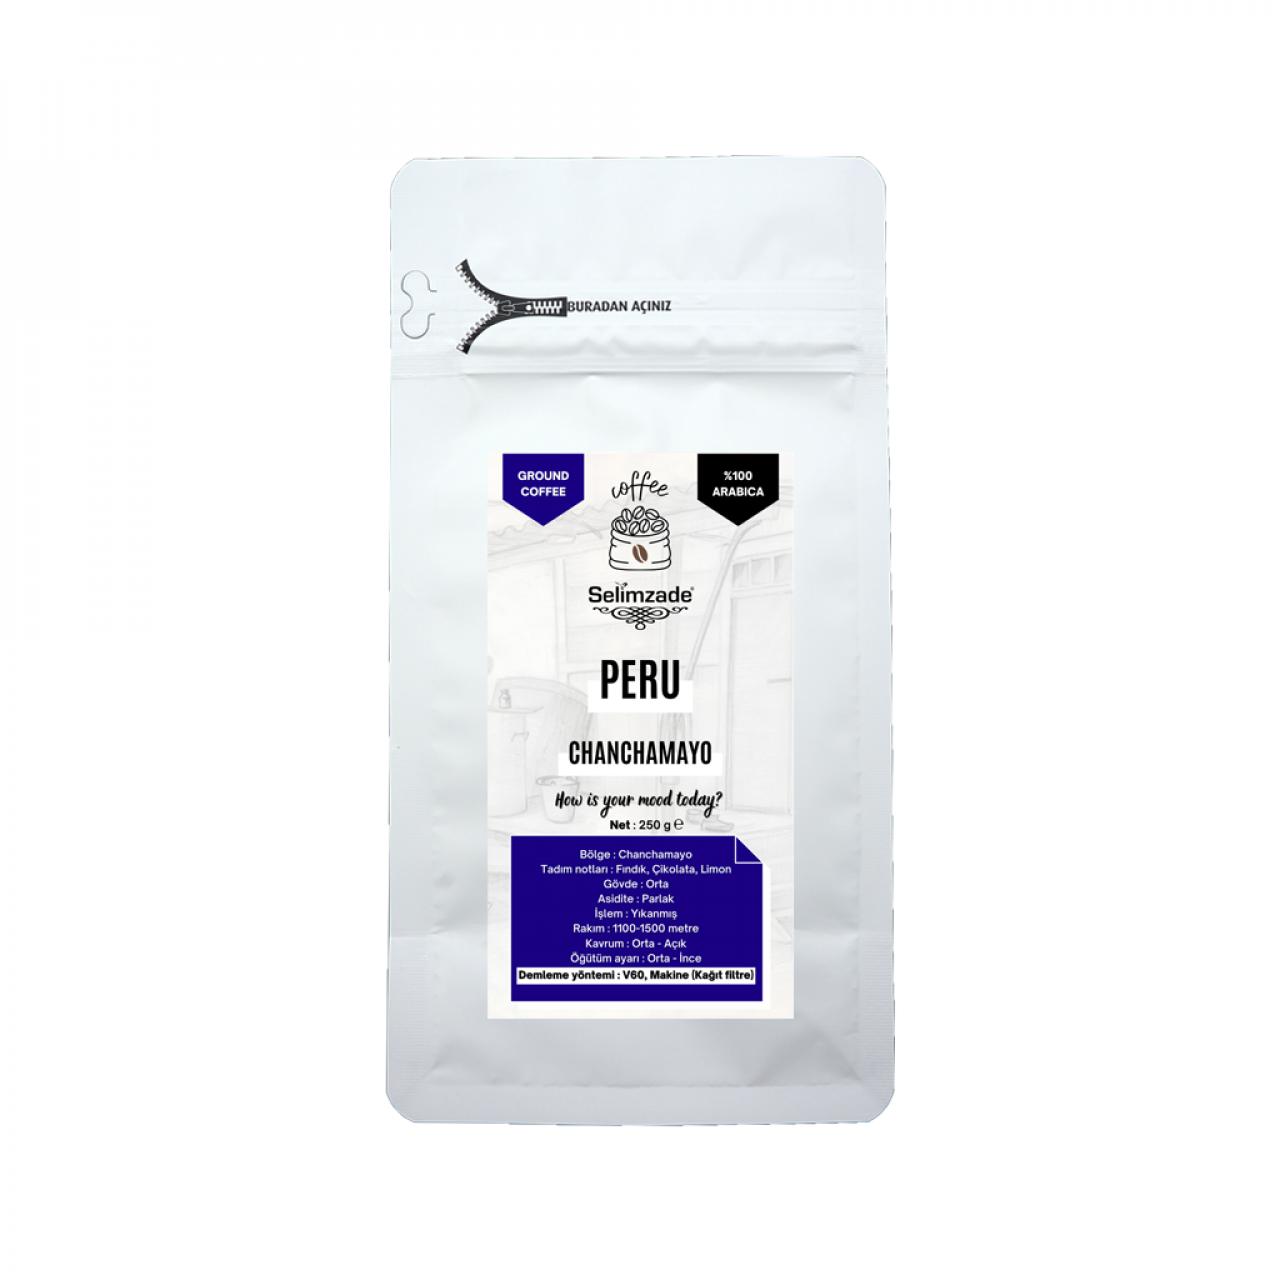 Peru Chanchamayo 250 g